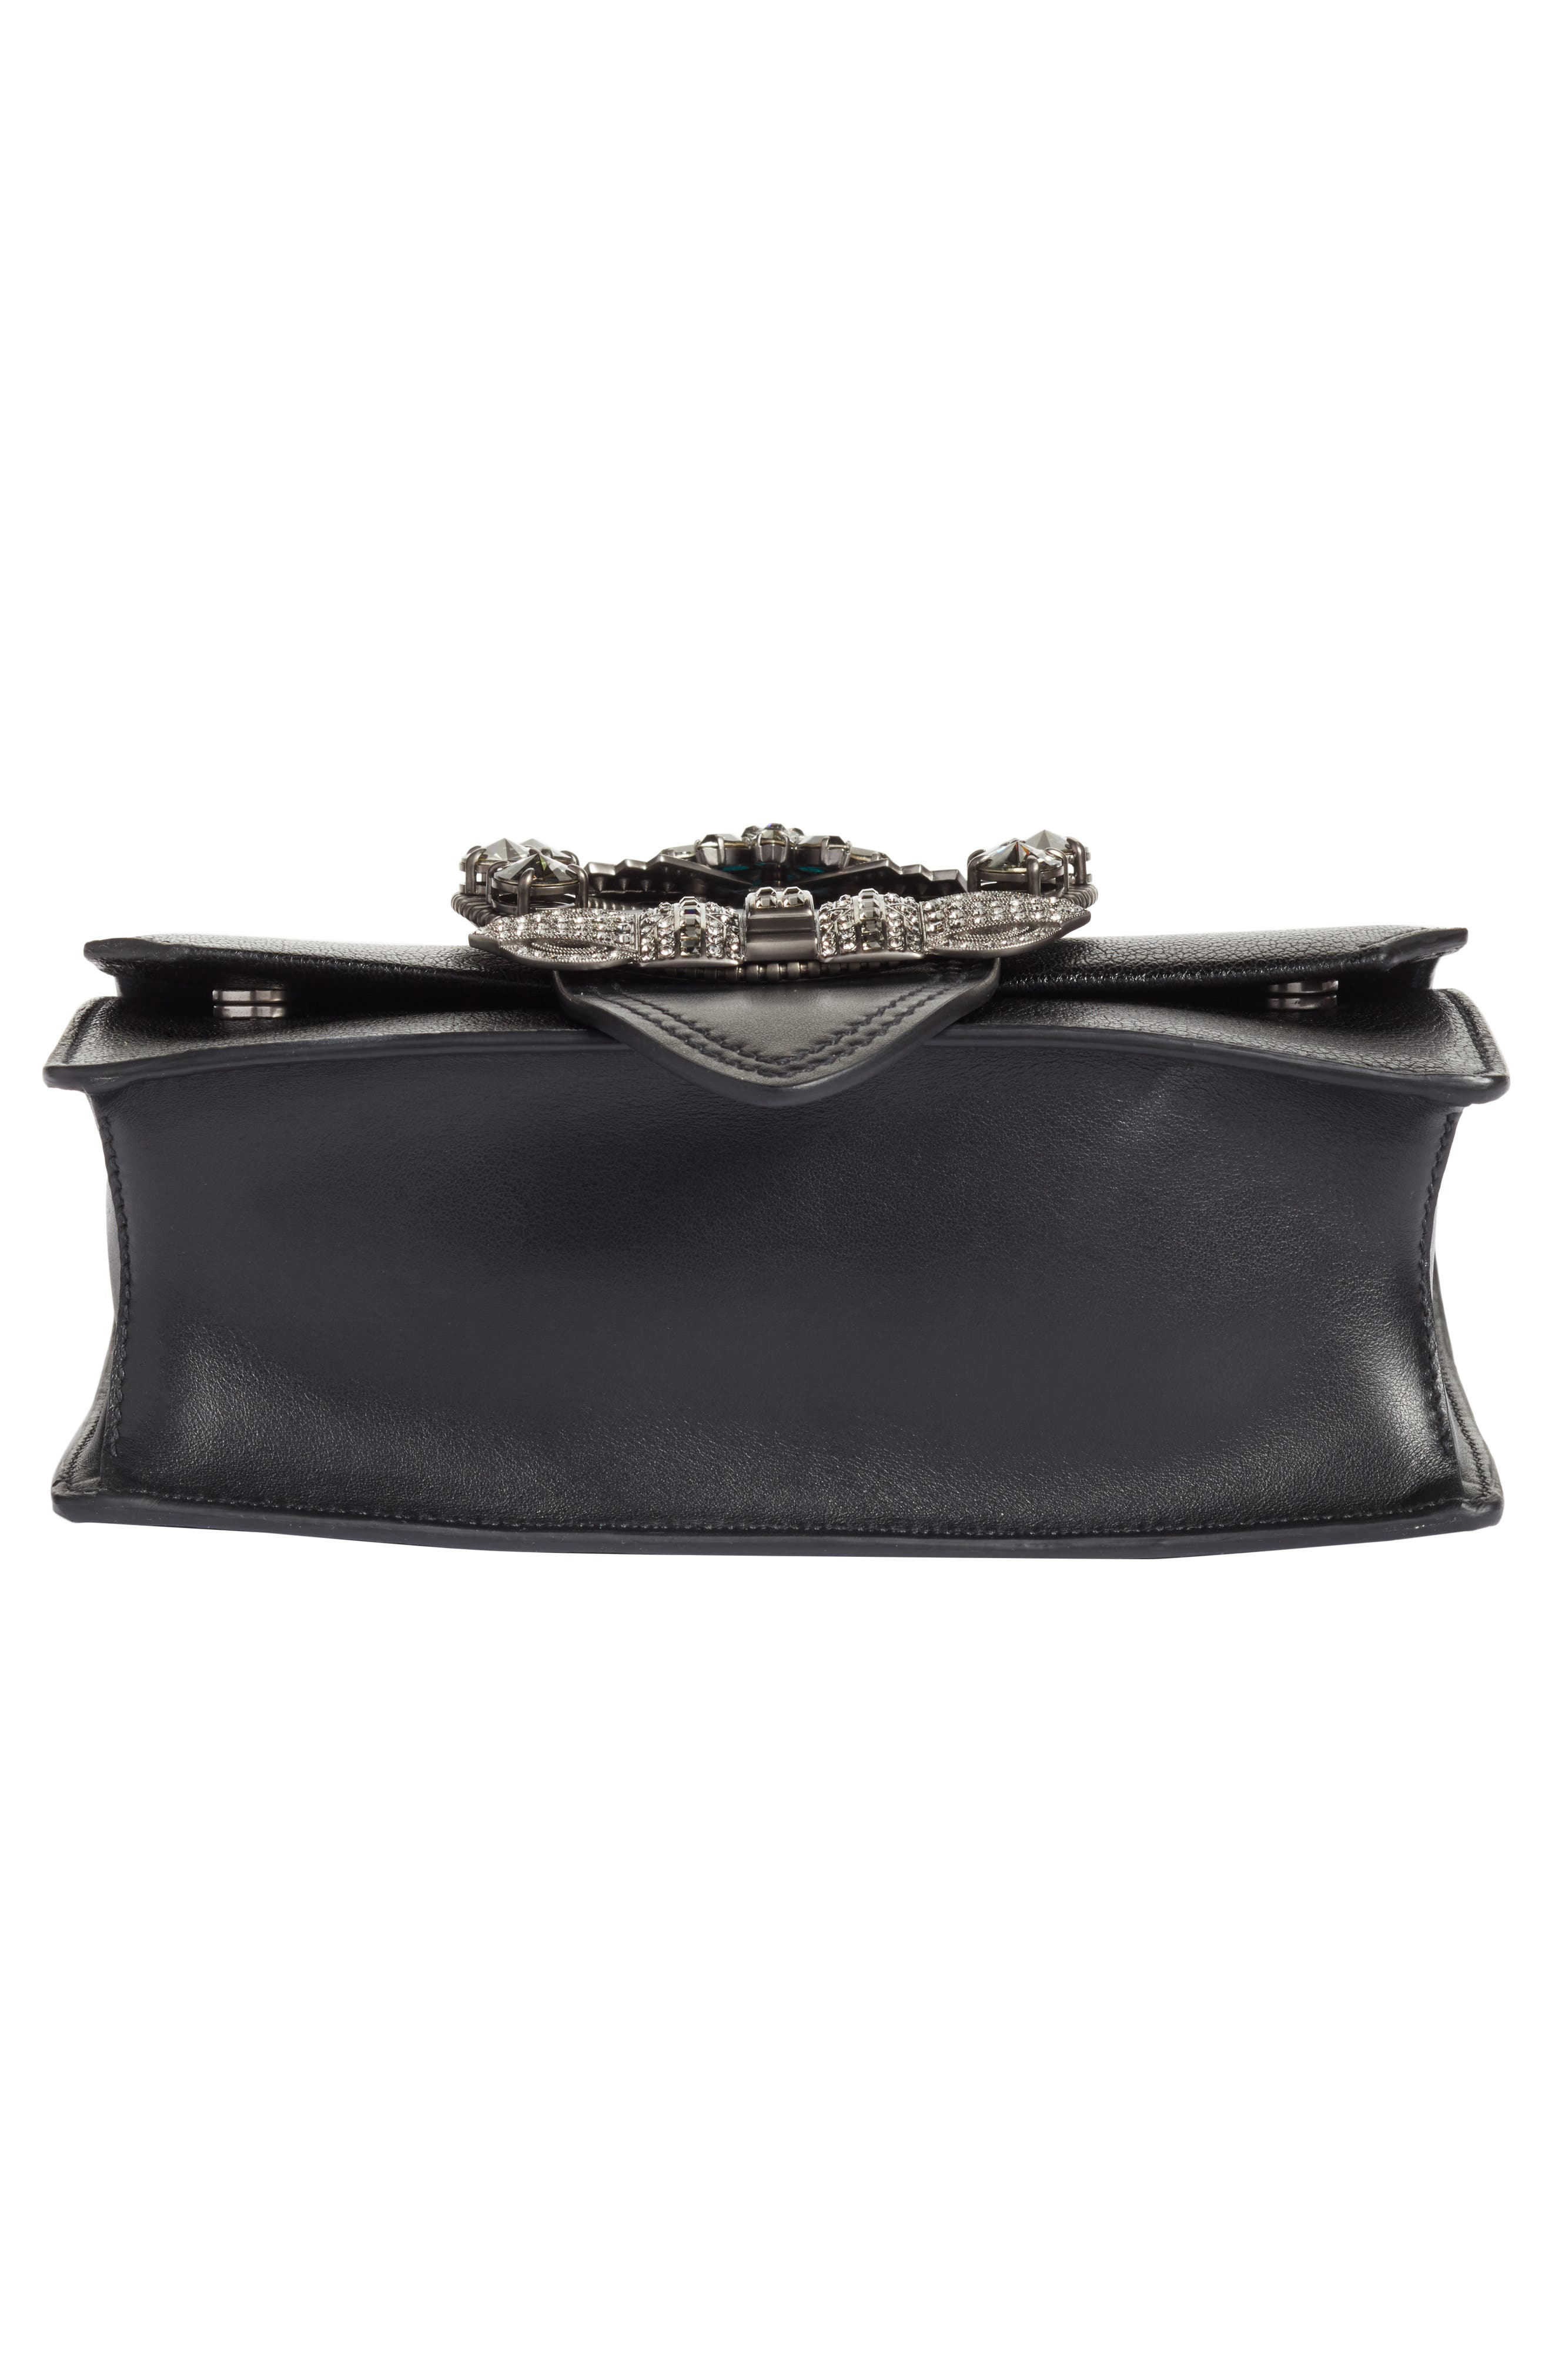 Madras Crystal Embellished Leather Shoulder Bag,                             Alternate thumbnail 6, color,                             Black